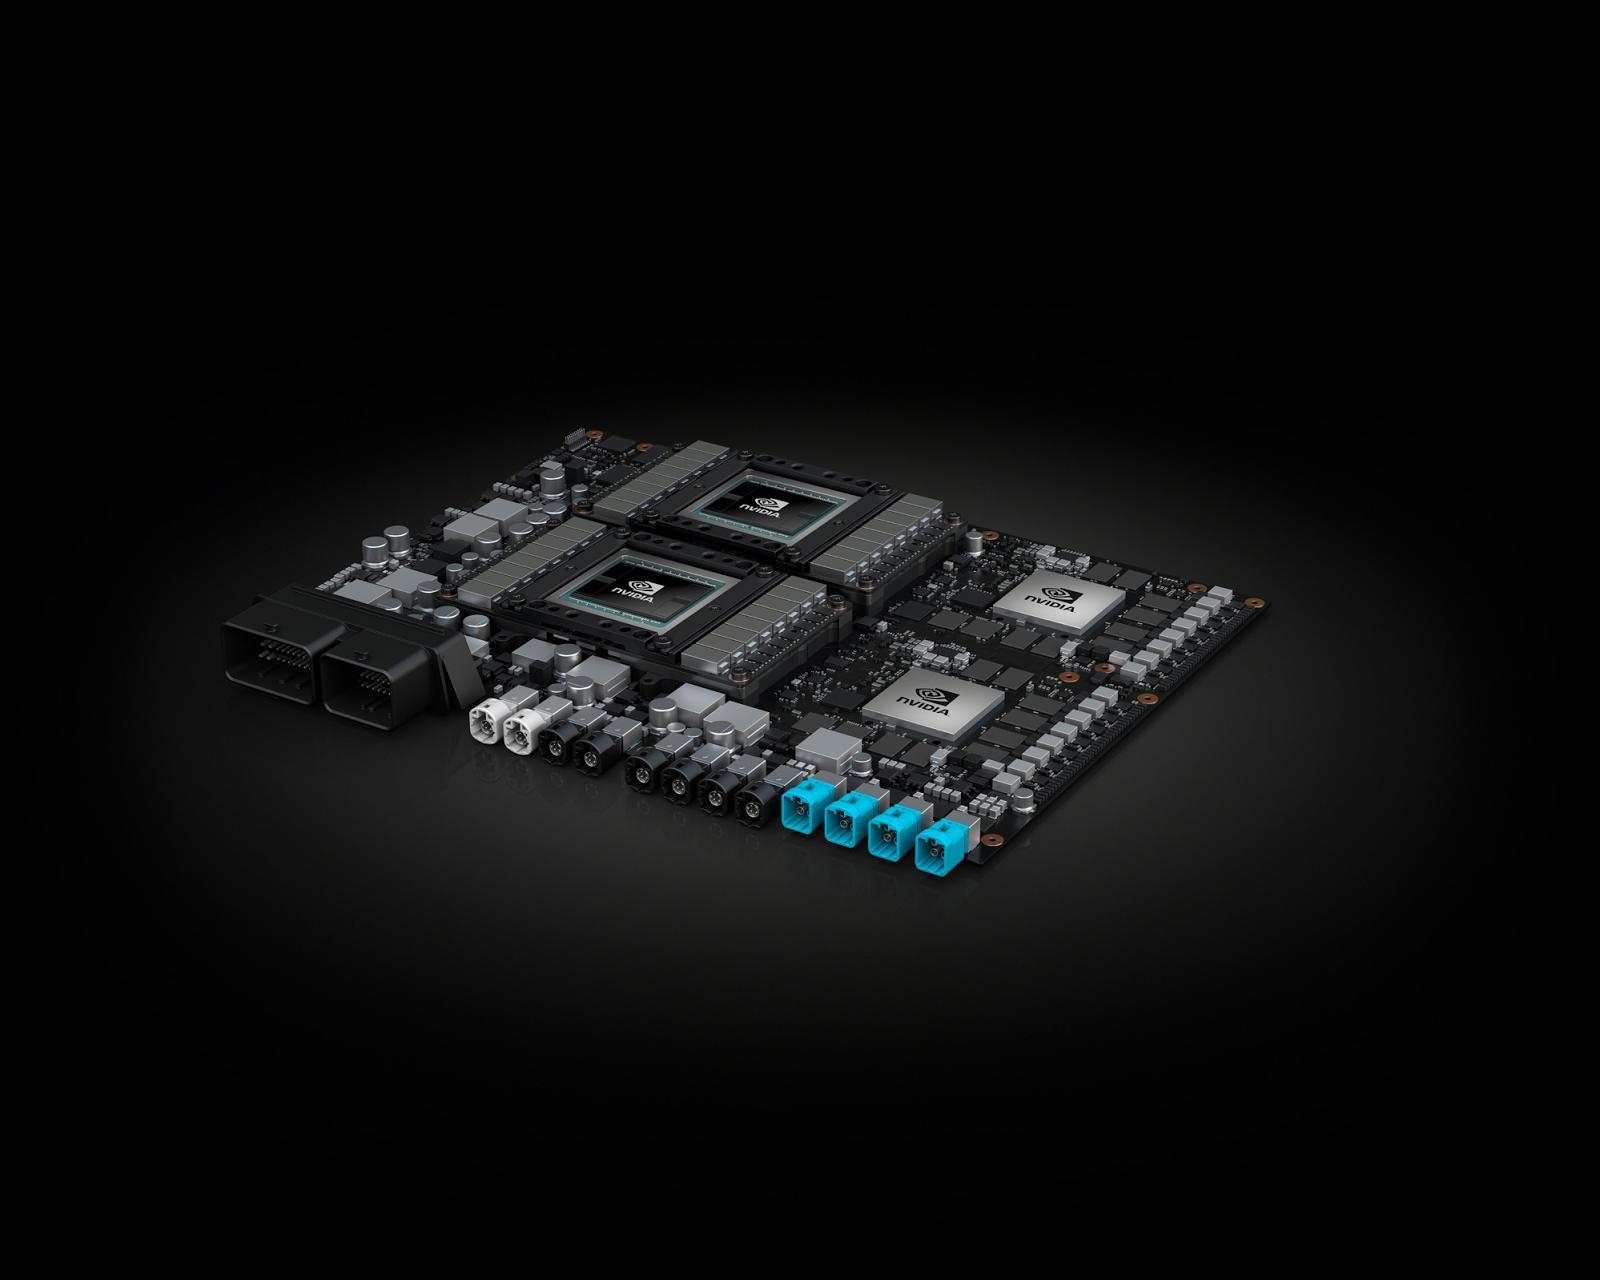 Xavier blir en sentral del av Nvidias Drive Pegasus-plattform, her avbildet, som virkelig skal få fart på selvkjørende bilteknologi. Bilde: Nvidia